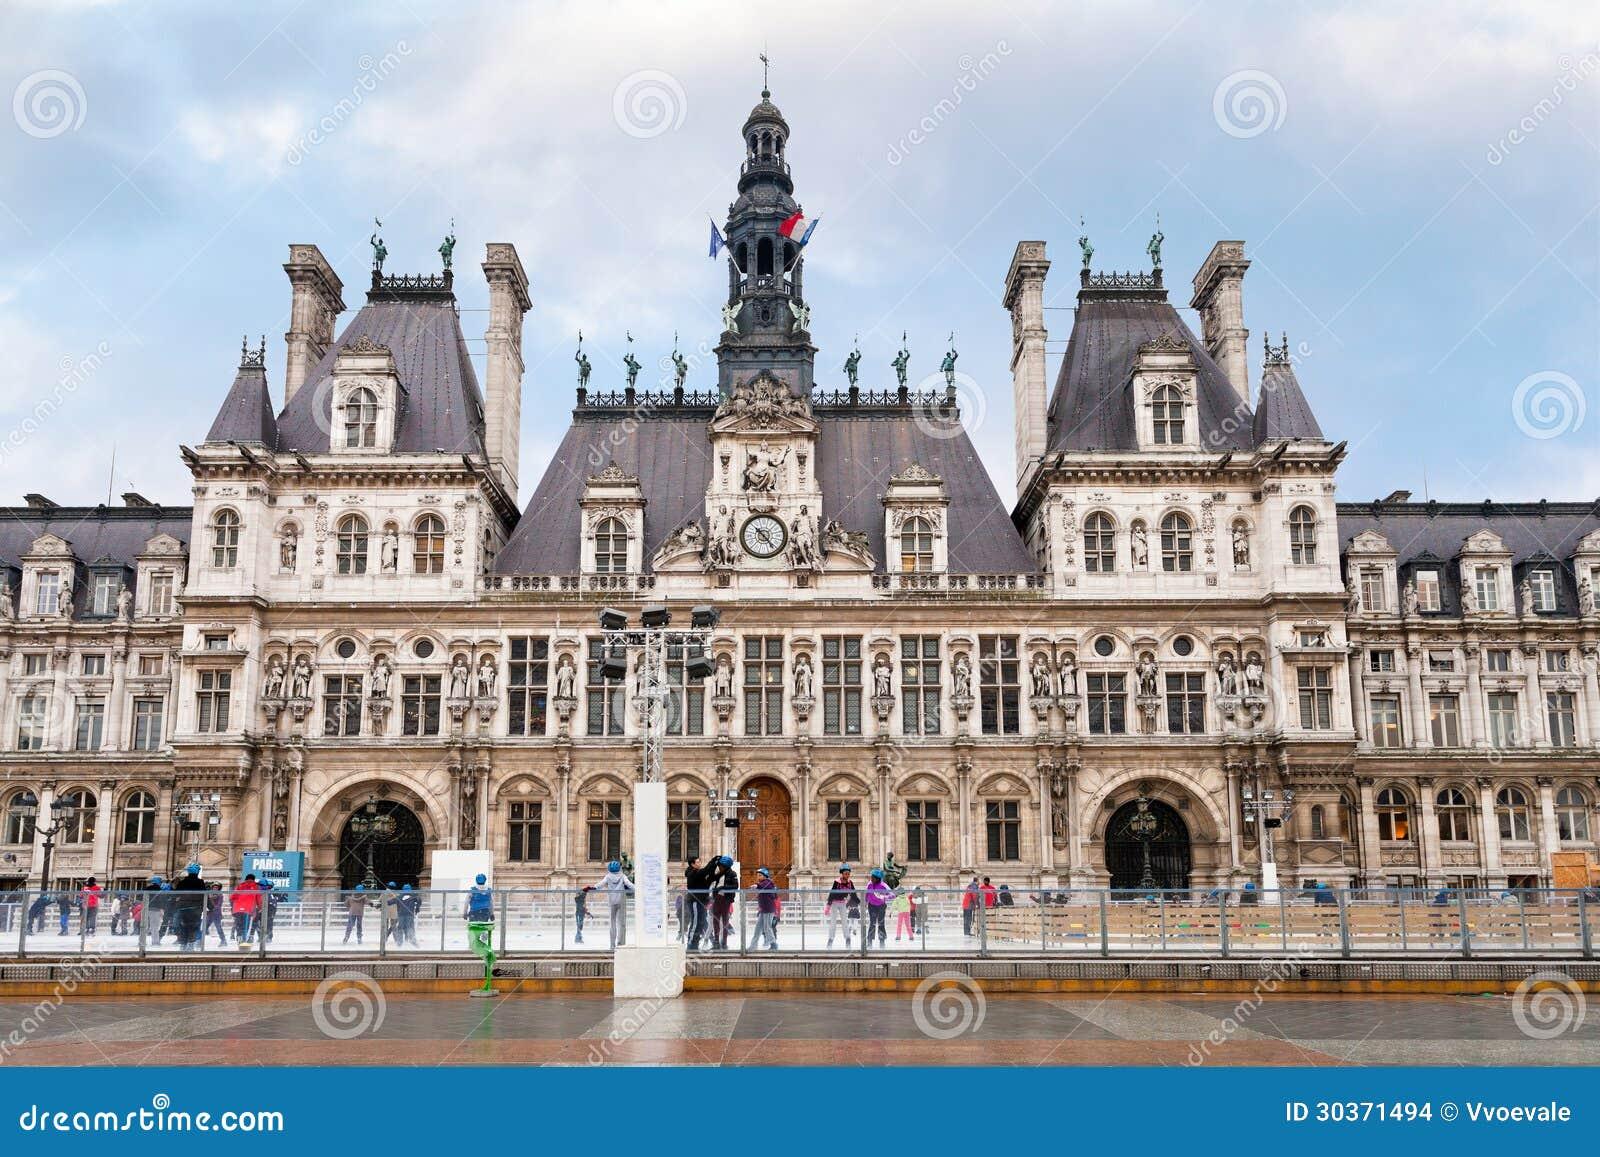 Eislauf Nahe Hotel De Ville Rathaus Paris